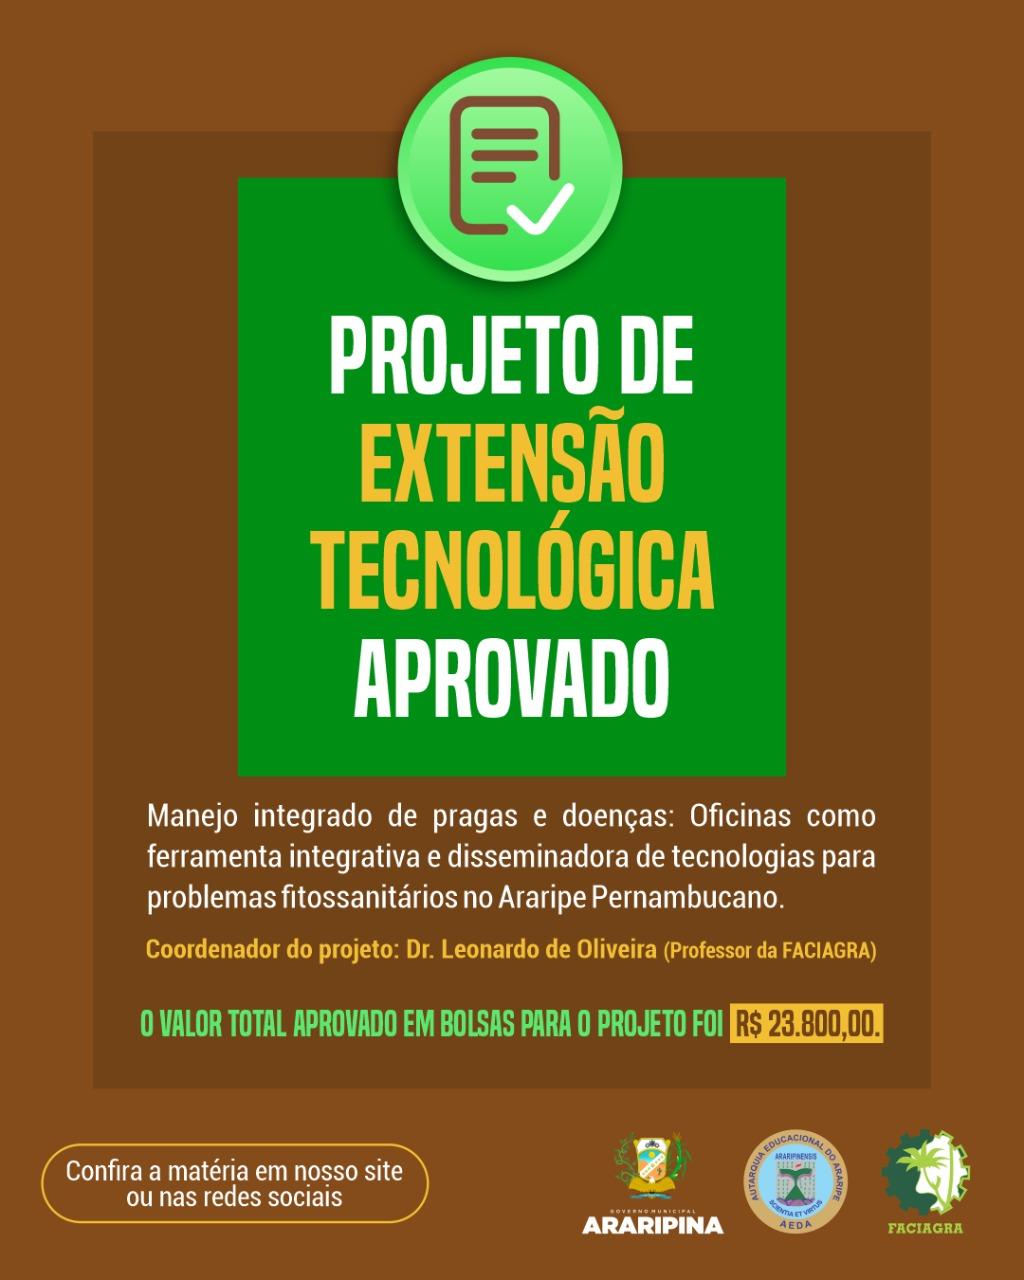 Projeto de extensão tecnológica da FACIAGRA é um dos nove projetos selecionados em edital da FACEPE